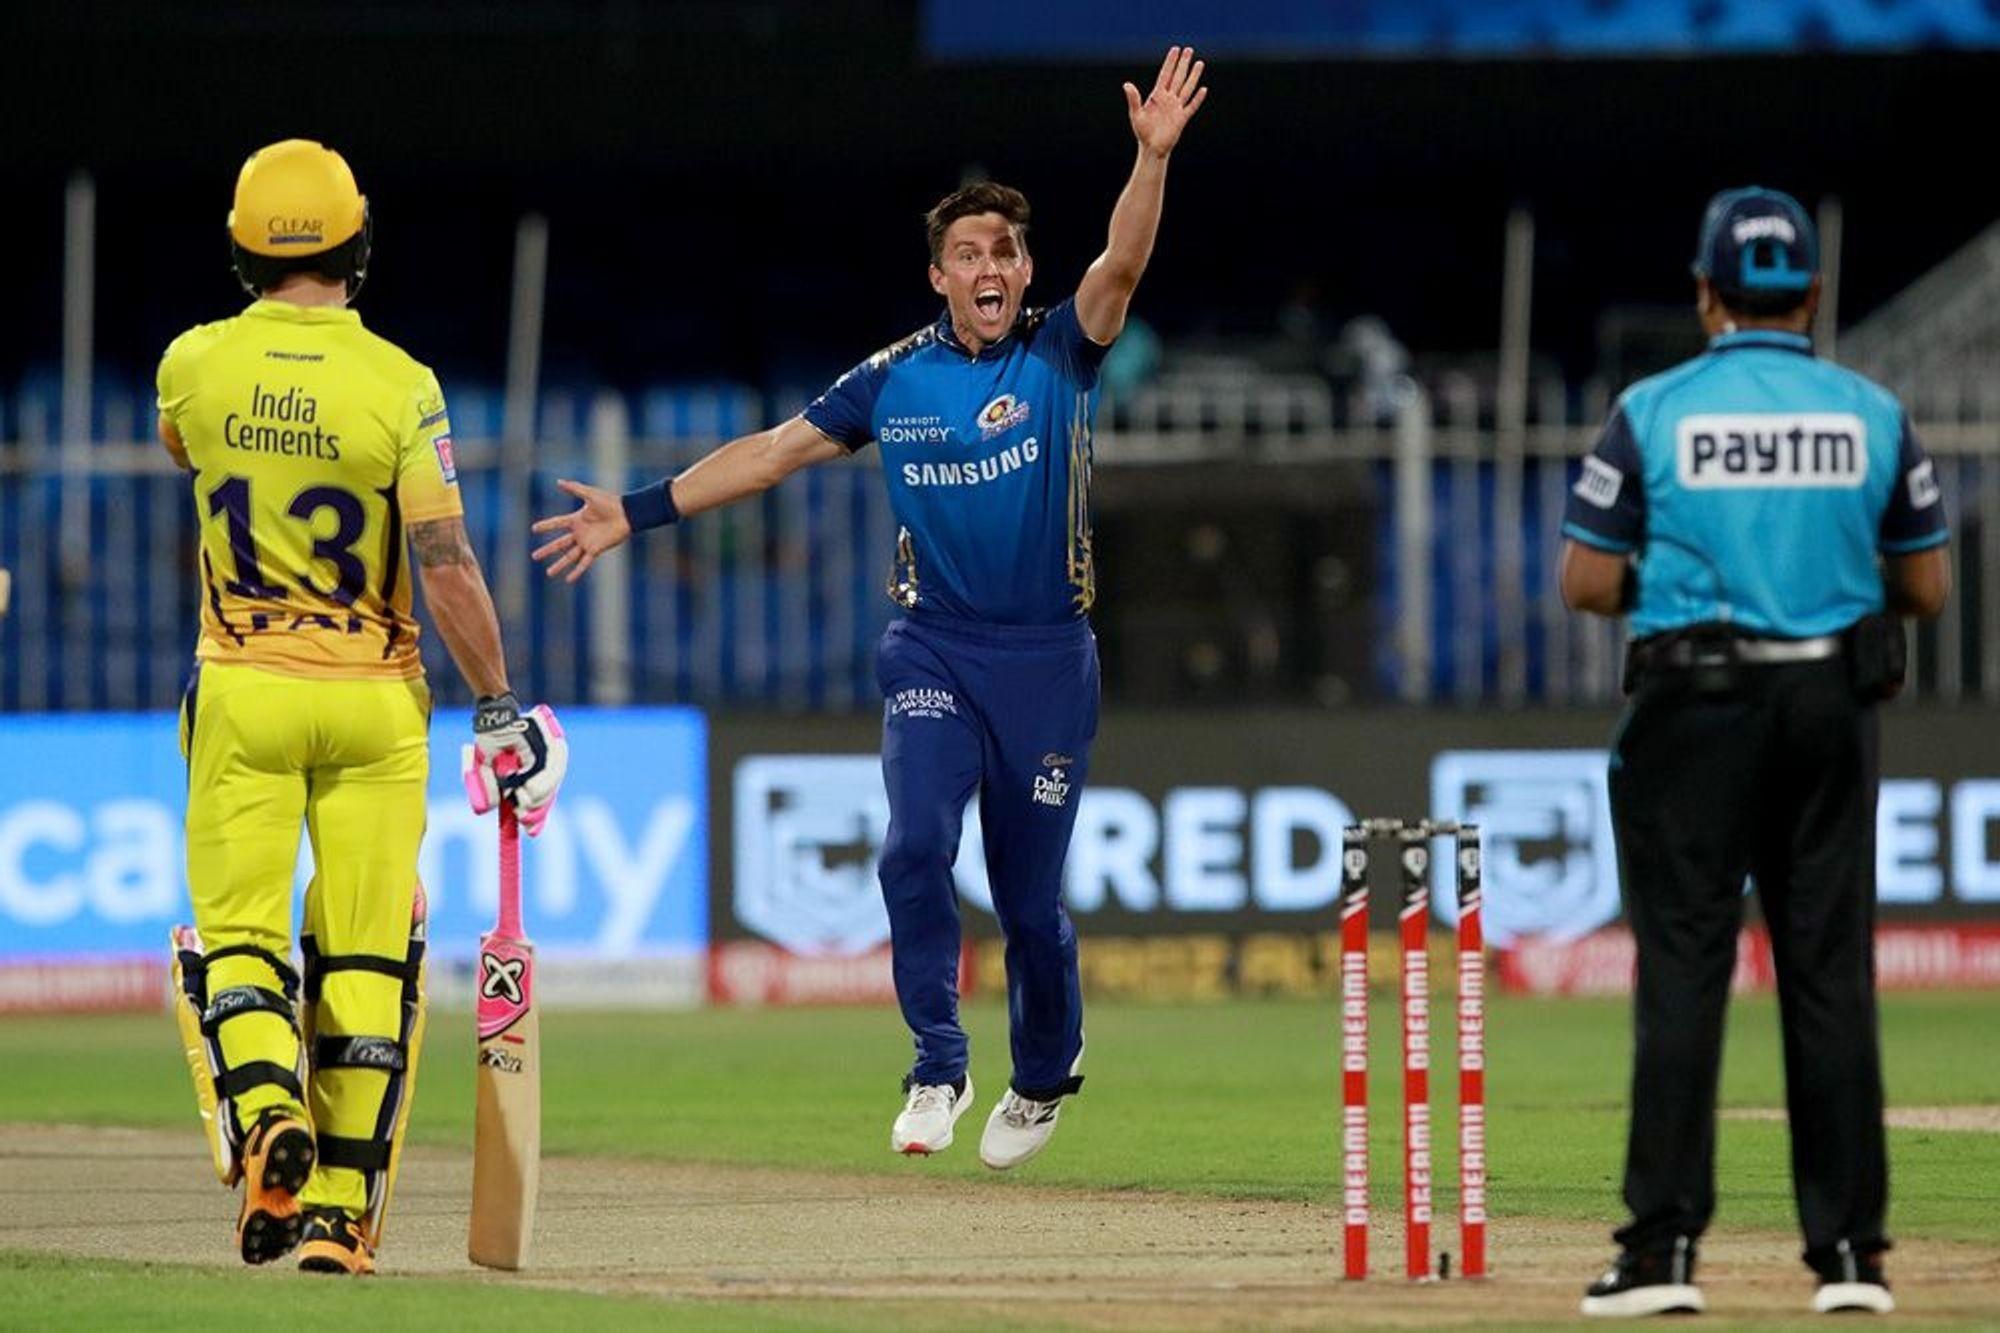 आईपीएल; चेन्नई सुपर किङ्सलाई हराउँदै मुम्बई शीर्ष स्थानमा अघि बढ्यो